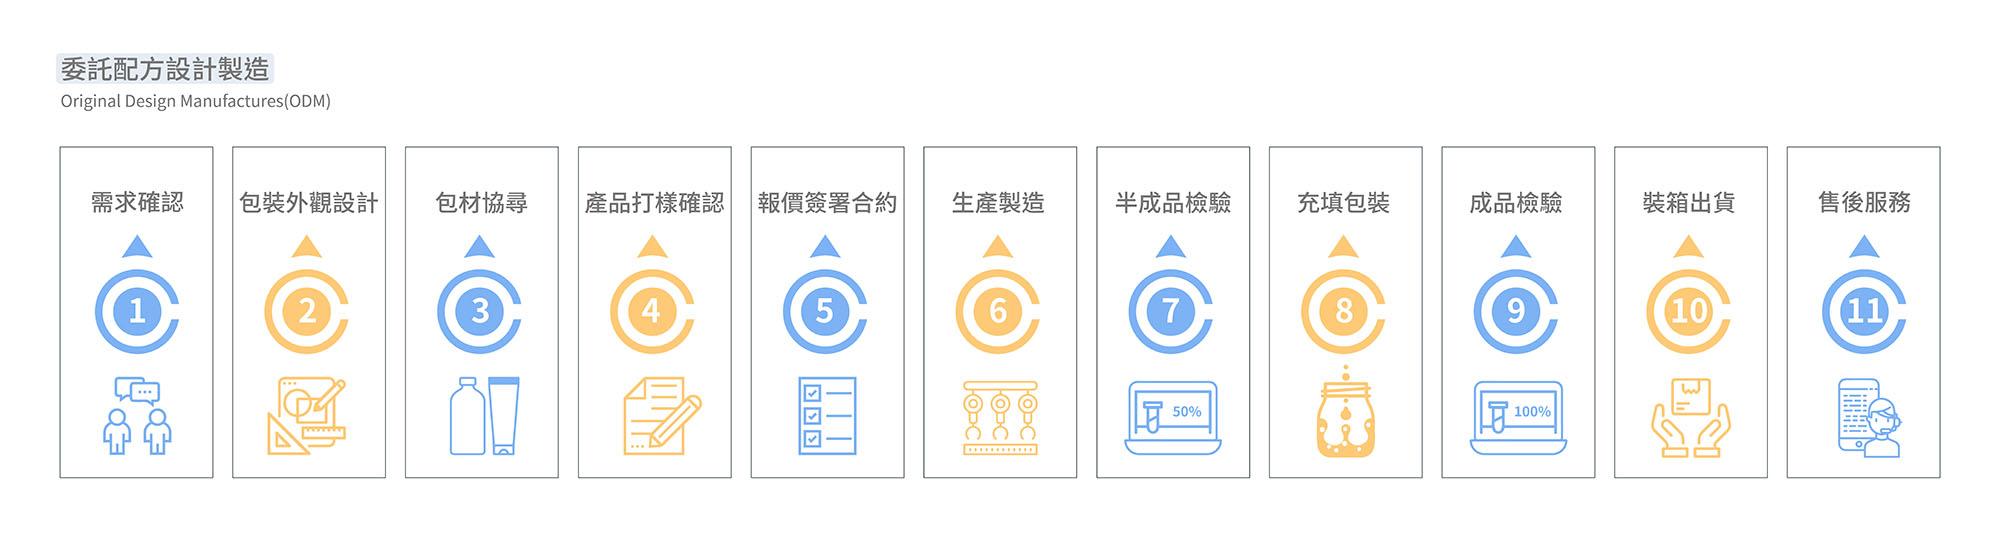 妍采伊服務範圍-委託配方設計製造(ODM)流程